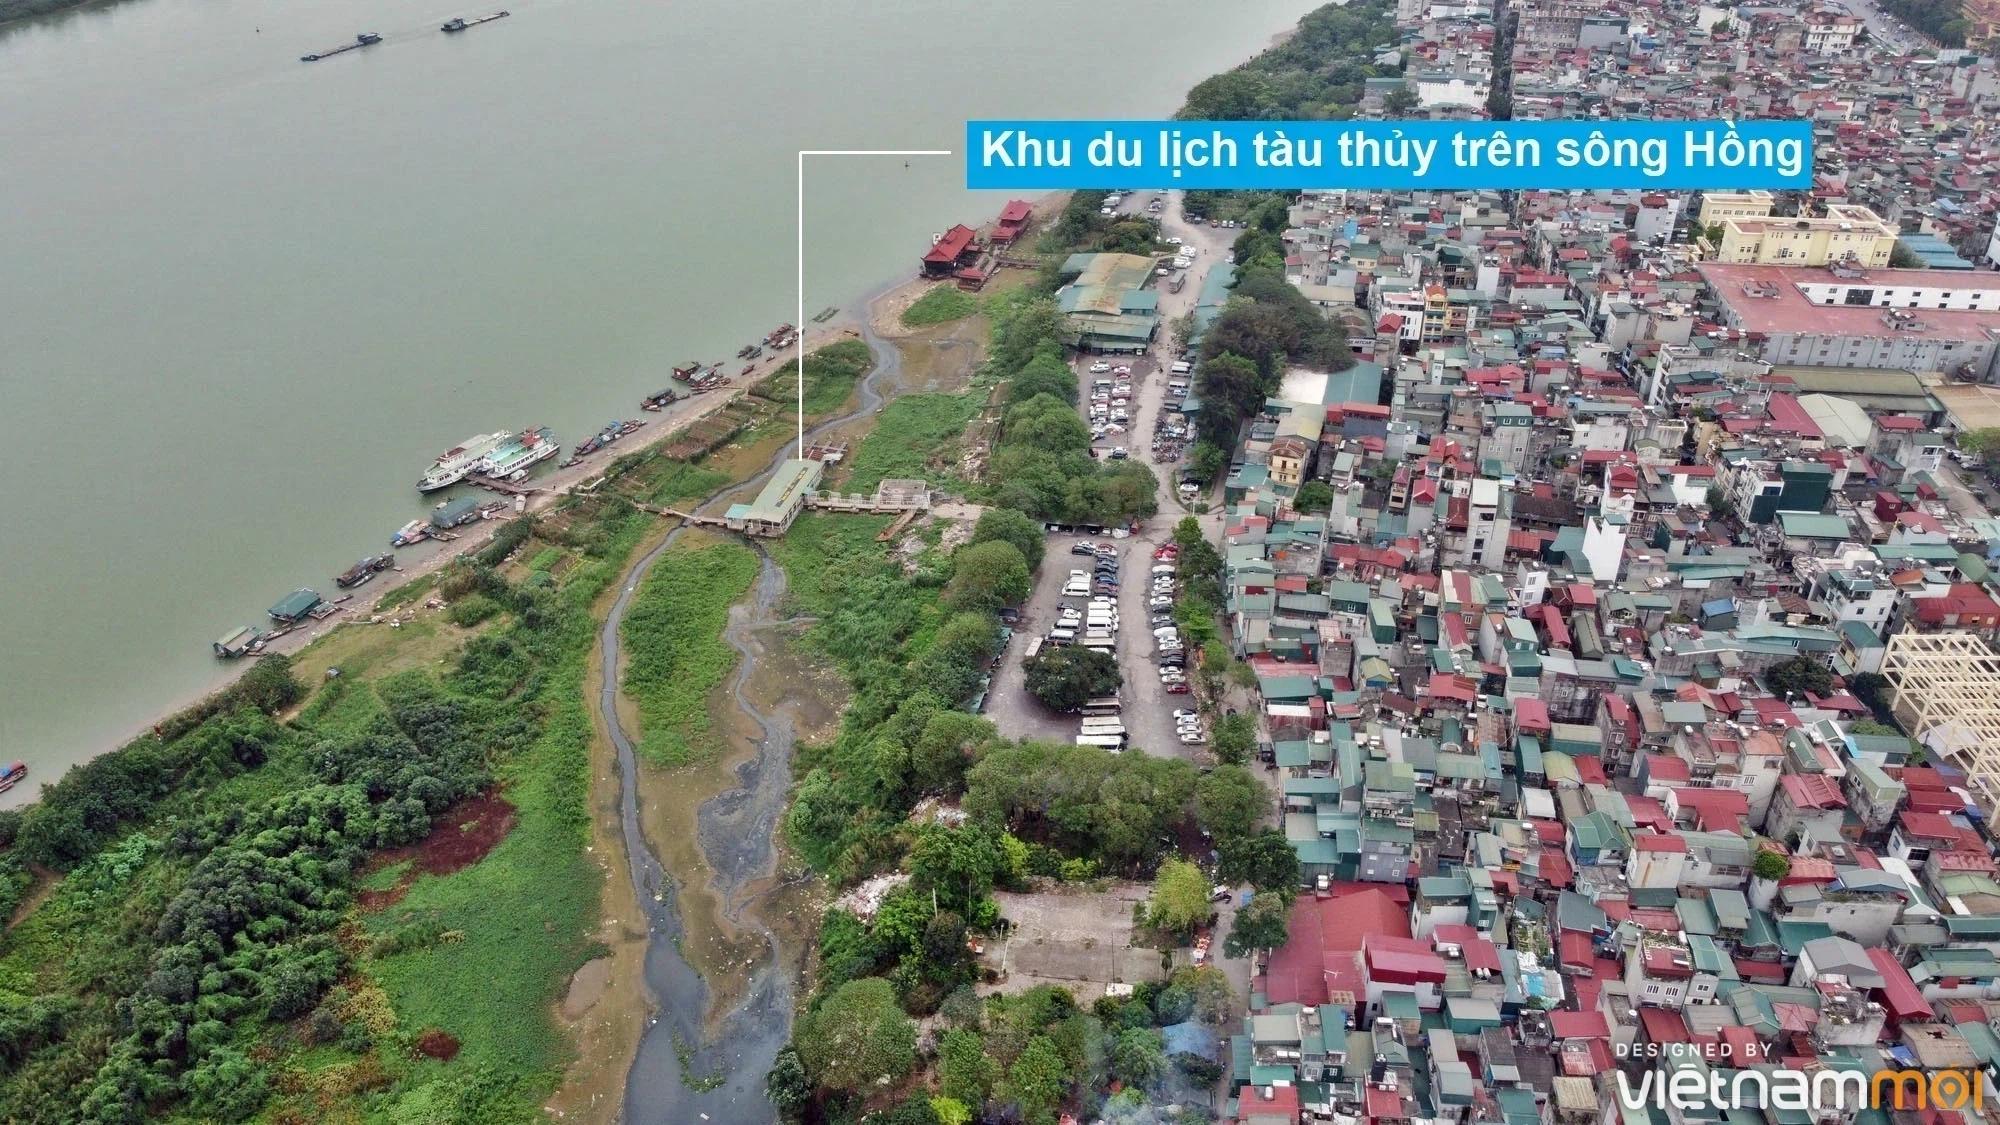 Toàn cảnh hiện trạng Phân khu đô thị sông Hồng trên địa bàn quận Hoàn Kiếm - Ảnh 12.